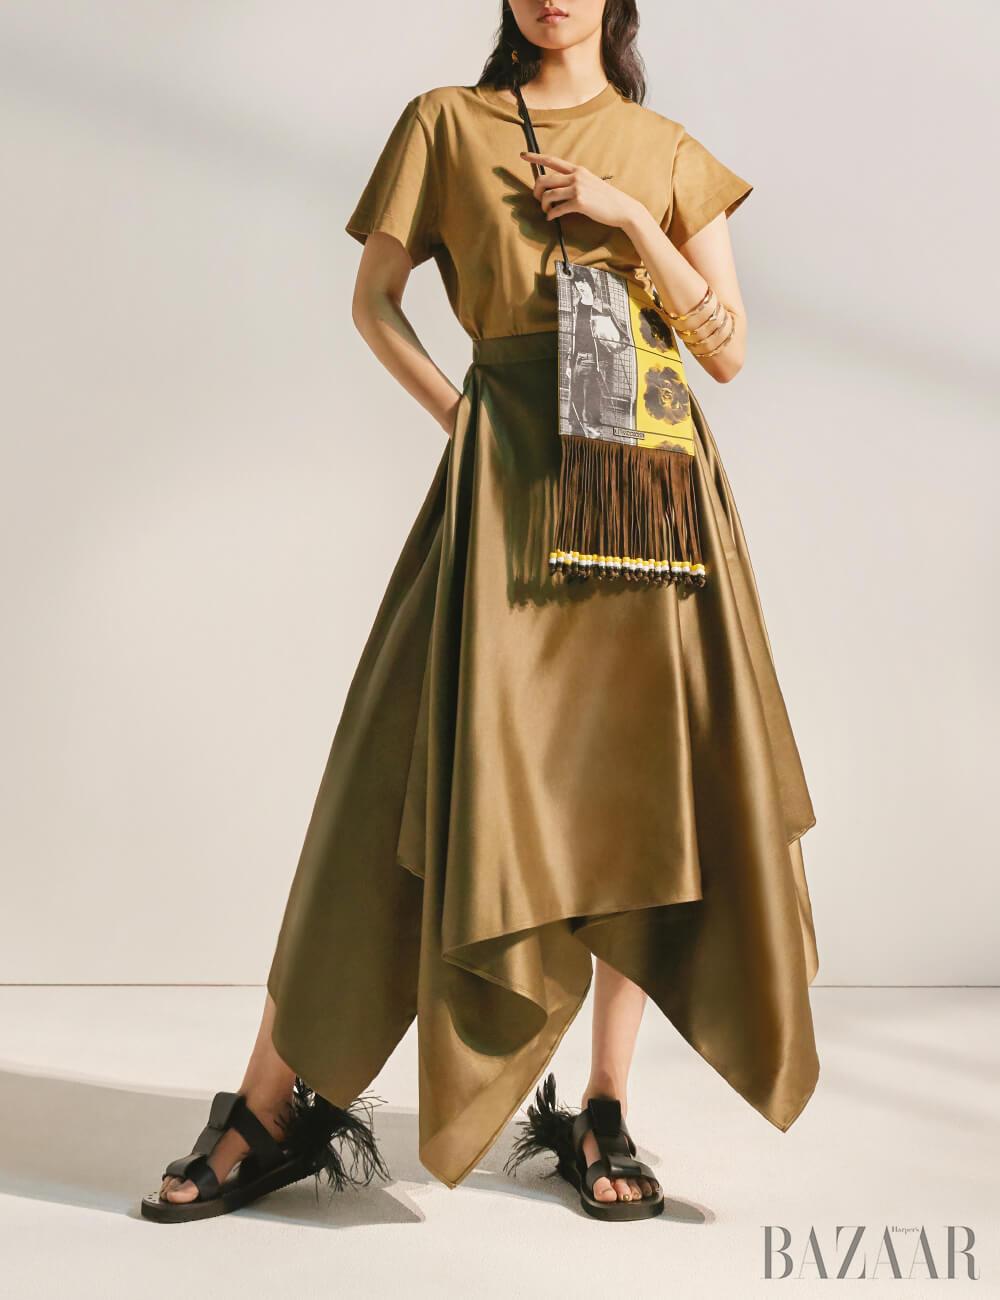 티셔츠는 29만9천원, 스커트는 가격 미정 모두 Salvatore Ferragamo, 프린지 백은 65만원 J.W Anderson by Mue, 골드 커프는 2만5천원 H&M, 깃털 샌들은 92만원 Valentino Garavani.